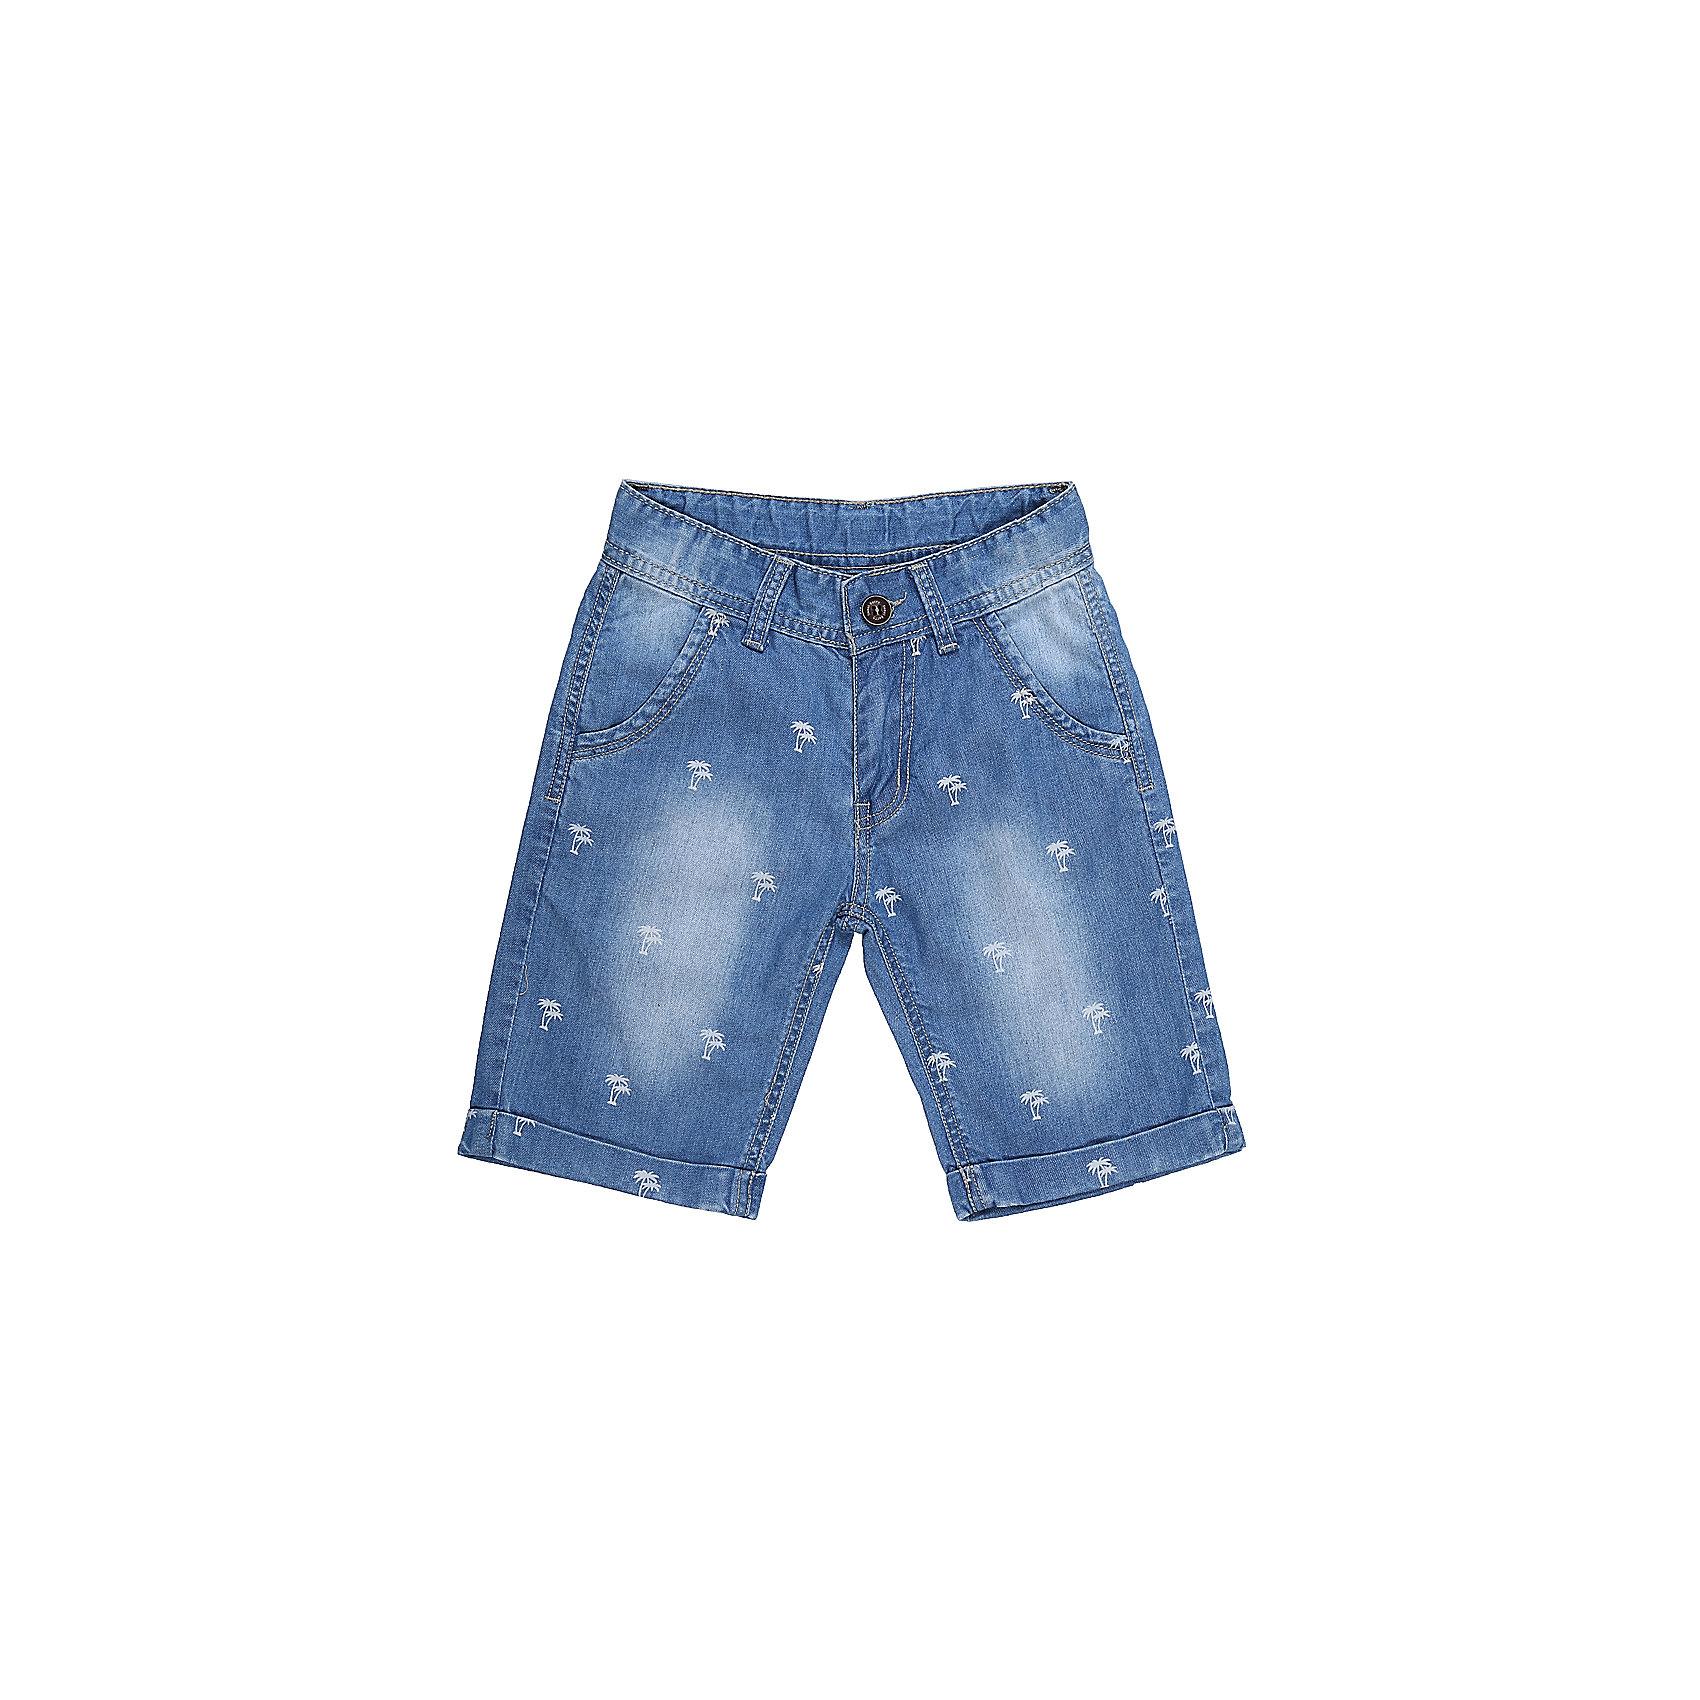 Шорты джинсовые для мальчика Sweet BerryДжинсовая одежда<br>Джинсовые шорты для мальчика  с загибом по низу изделия, Декорированые оригинальным принтом.   В боковой части пояса находятся вшитые эластичные ленты, регулирующие посадку по талии.<br>Состав:<br>100%хлопок<br><br>Ширина мм: 191<br>Глубина мм: 10<br>Высота мм: 175<br>Вес г: 273<br>Цвет: голубой<br>Возраст от месяцев: 24<br>Возраст до месяцев: 36<br>Пол: Мужской<br>Возраст: Детский<br>Размер: 98,104,110,116,122,128<br>SKU: 5412906